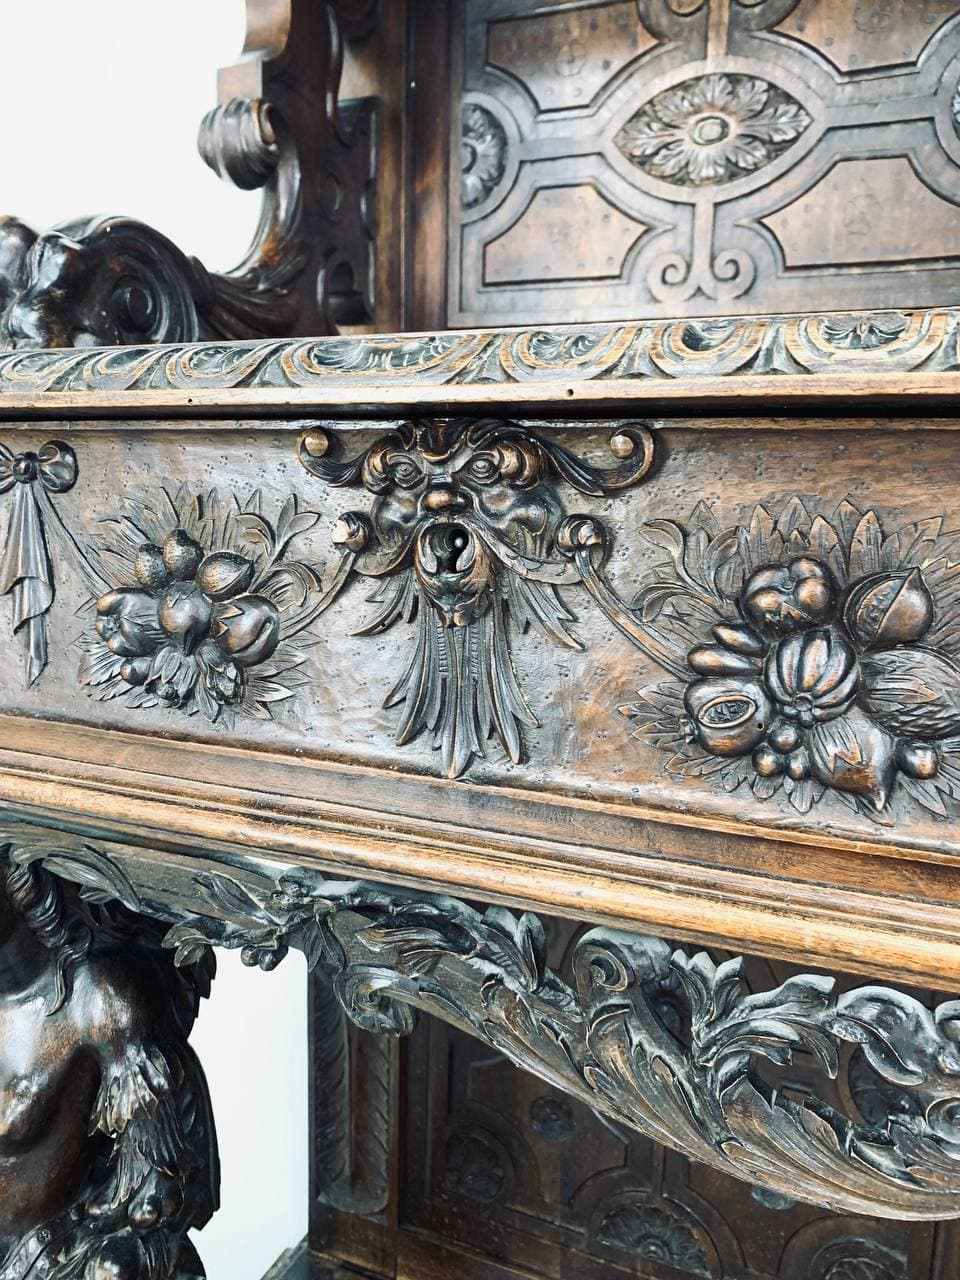 Антикварный поставец в стиле Неоренессанс